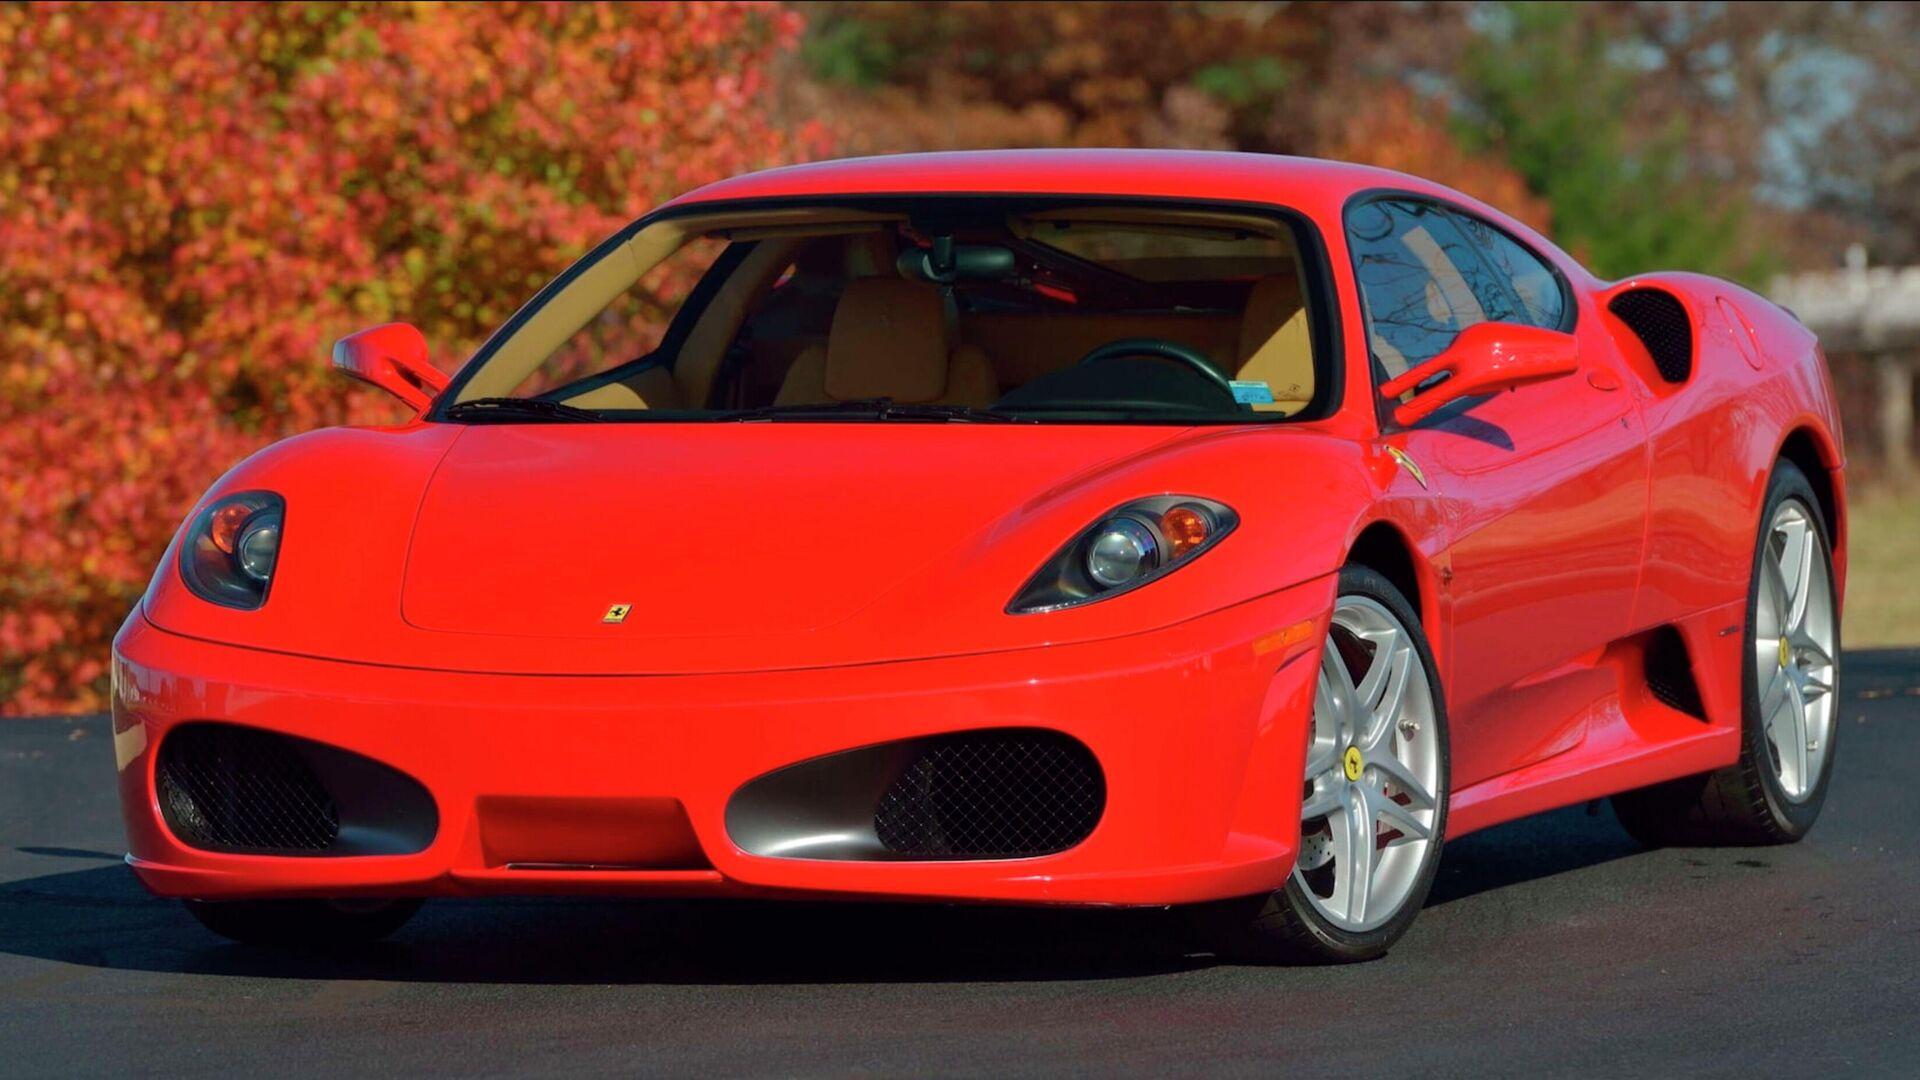 Автомобиль Ferrari F430, принадлежавший Дональду Трампу - РИА Новости, 1920, 06.01.2021